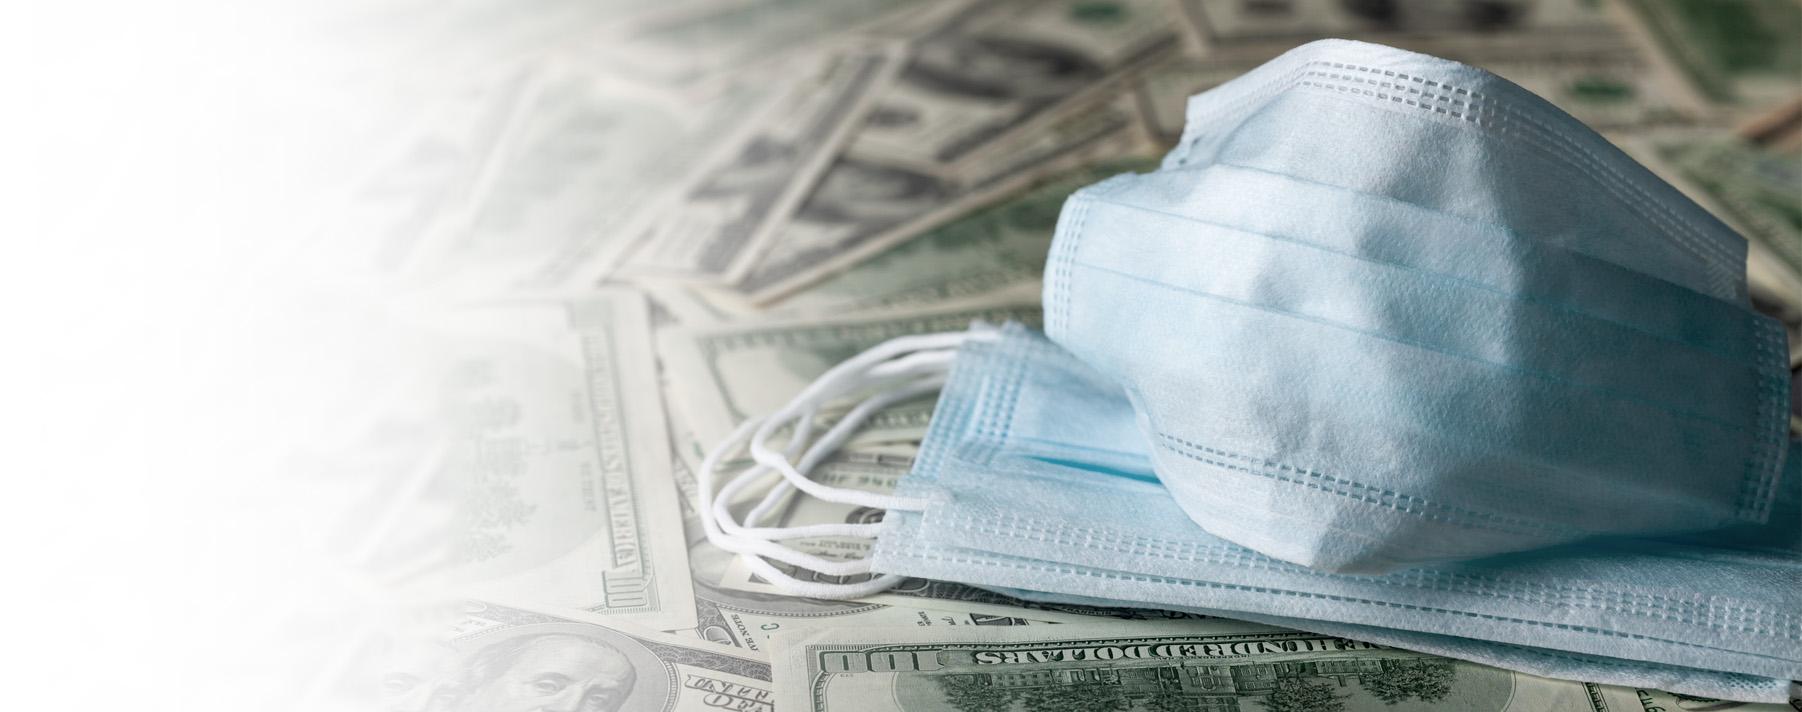 Los estragos económicos del coronavirus